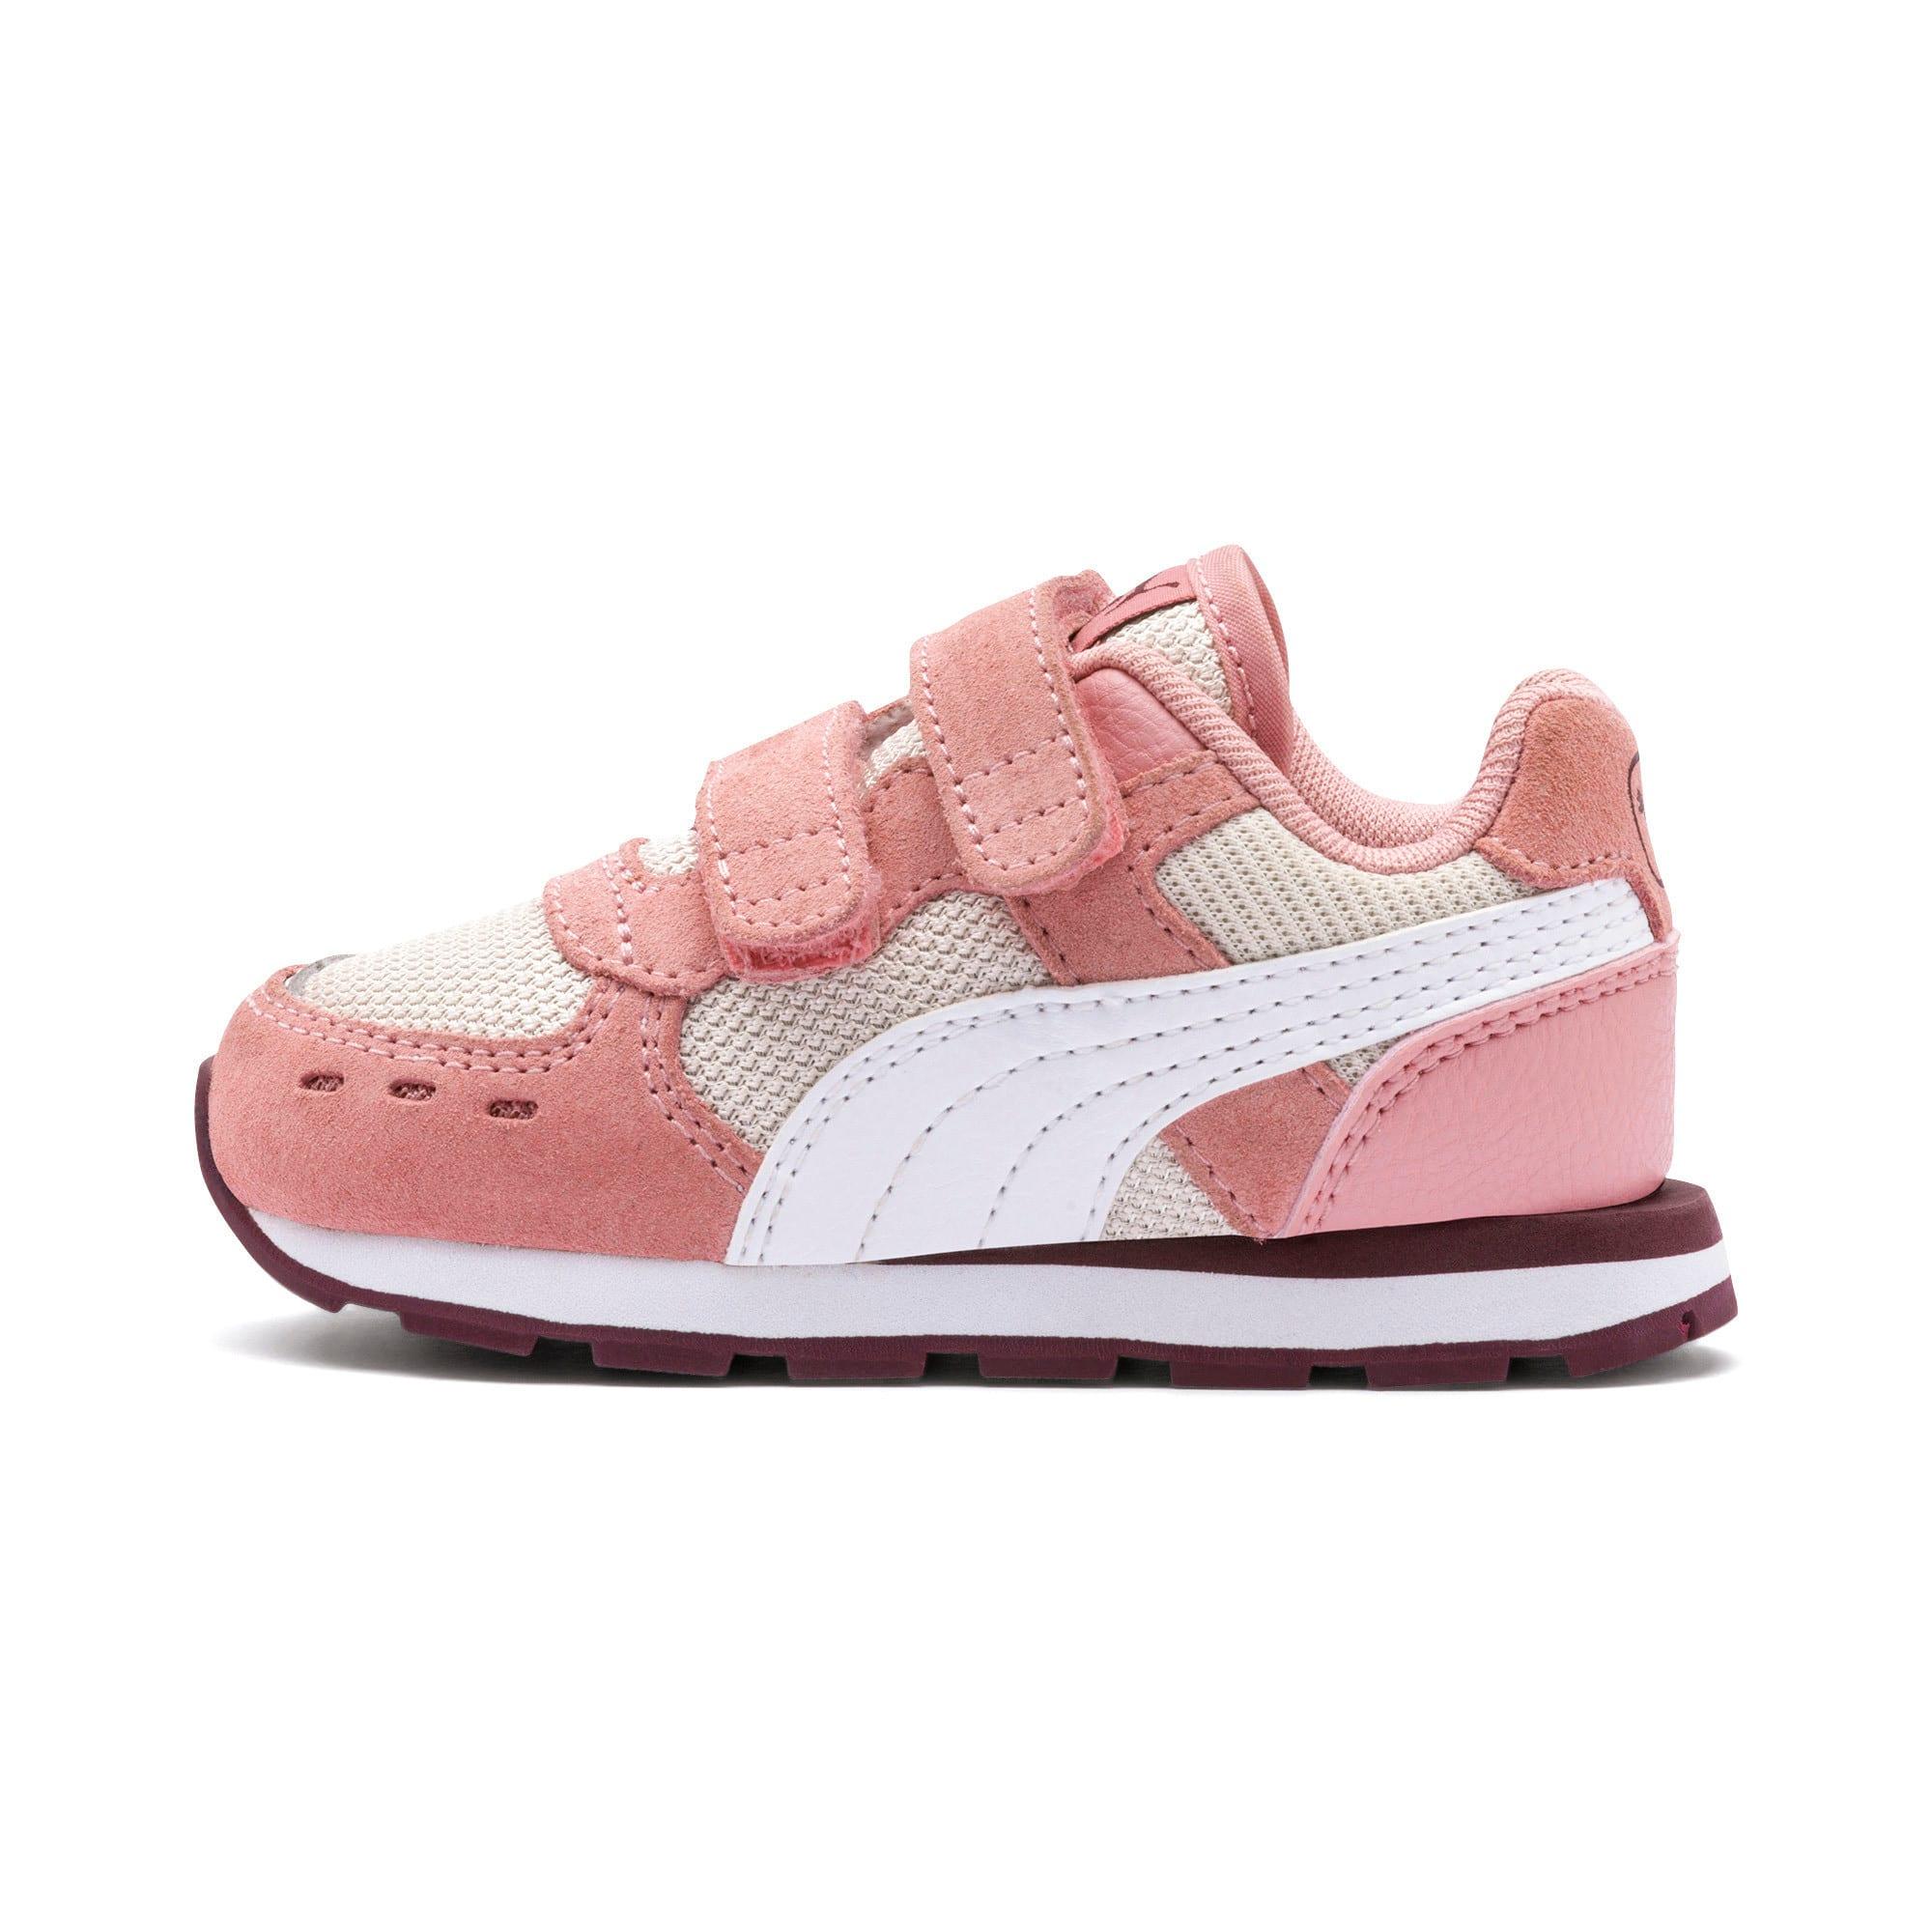 Miniatura 1 de Zapatos Vista para bebé, Bridal Rose-Puma White, mediano